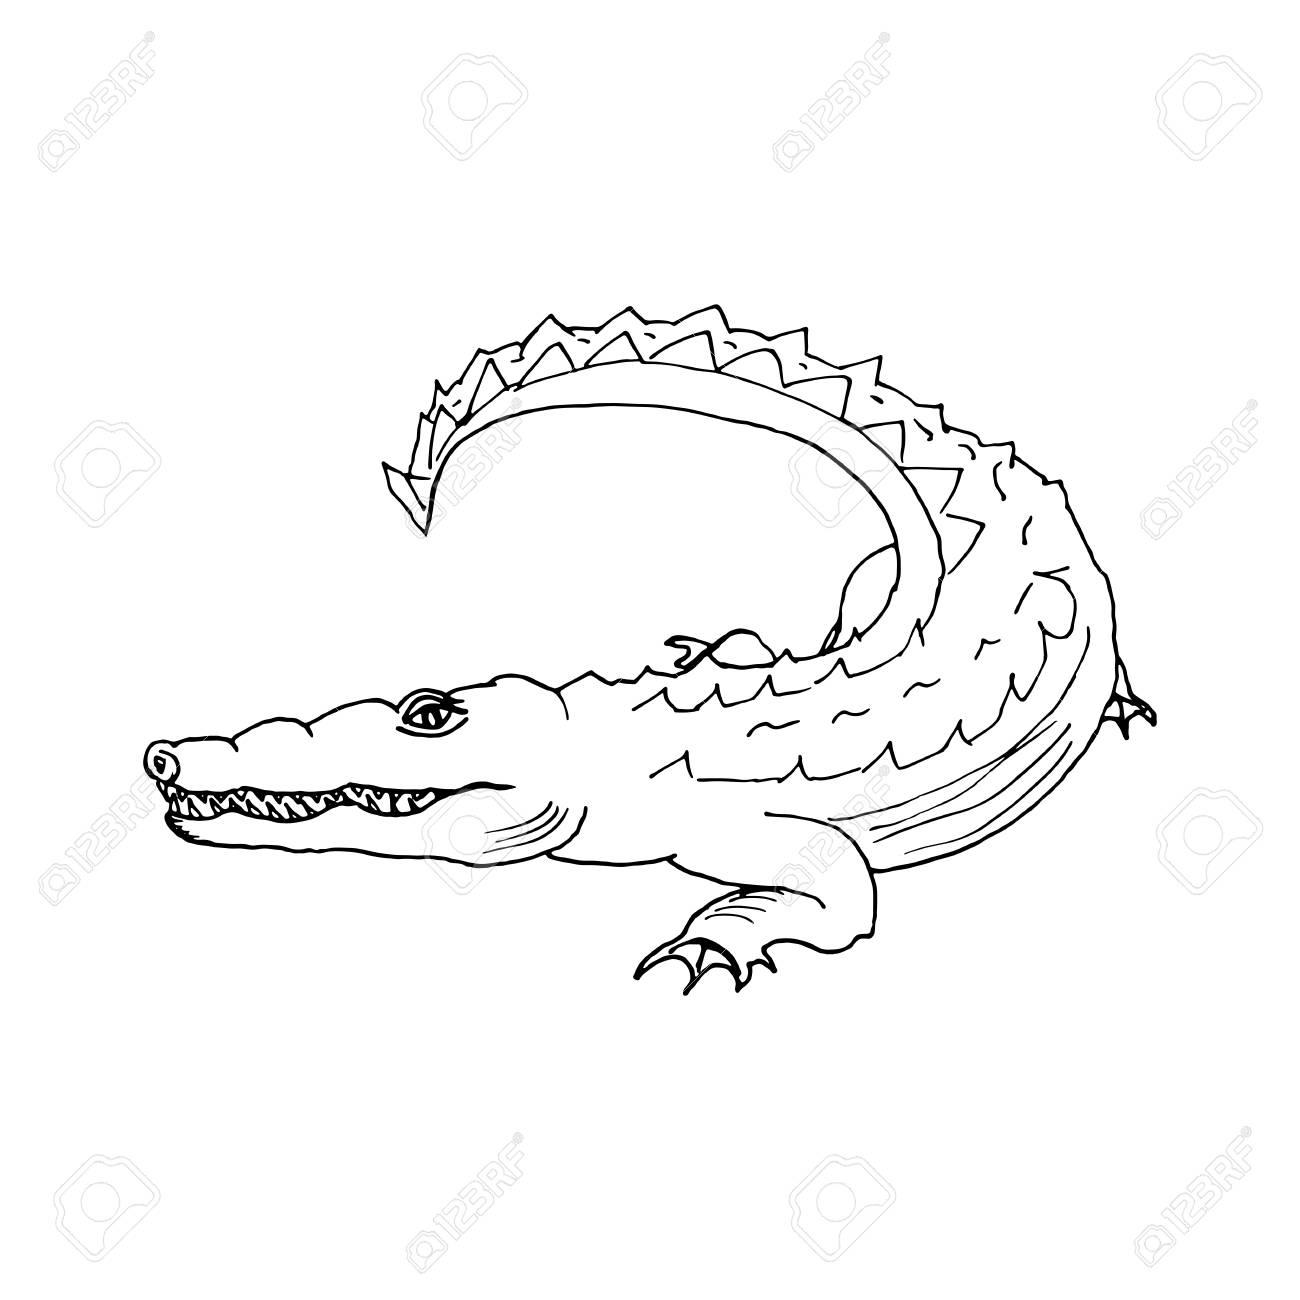 Schön Alligator Und Krokodil Malvorlagen Galerie - Druckbare ...